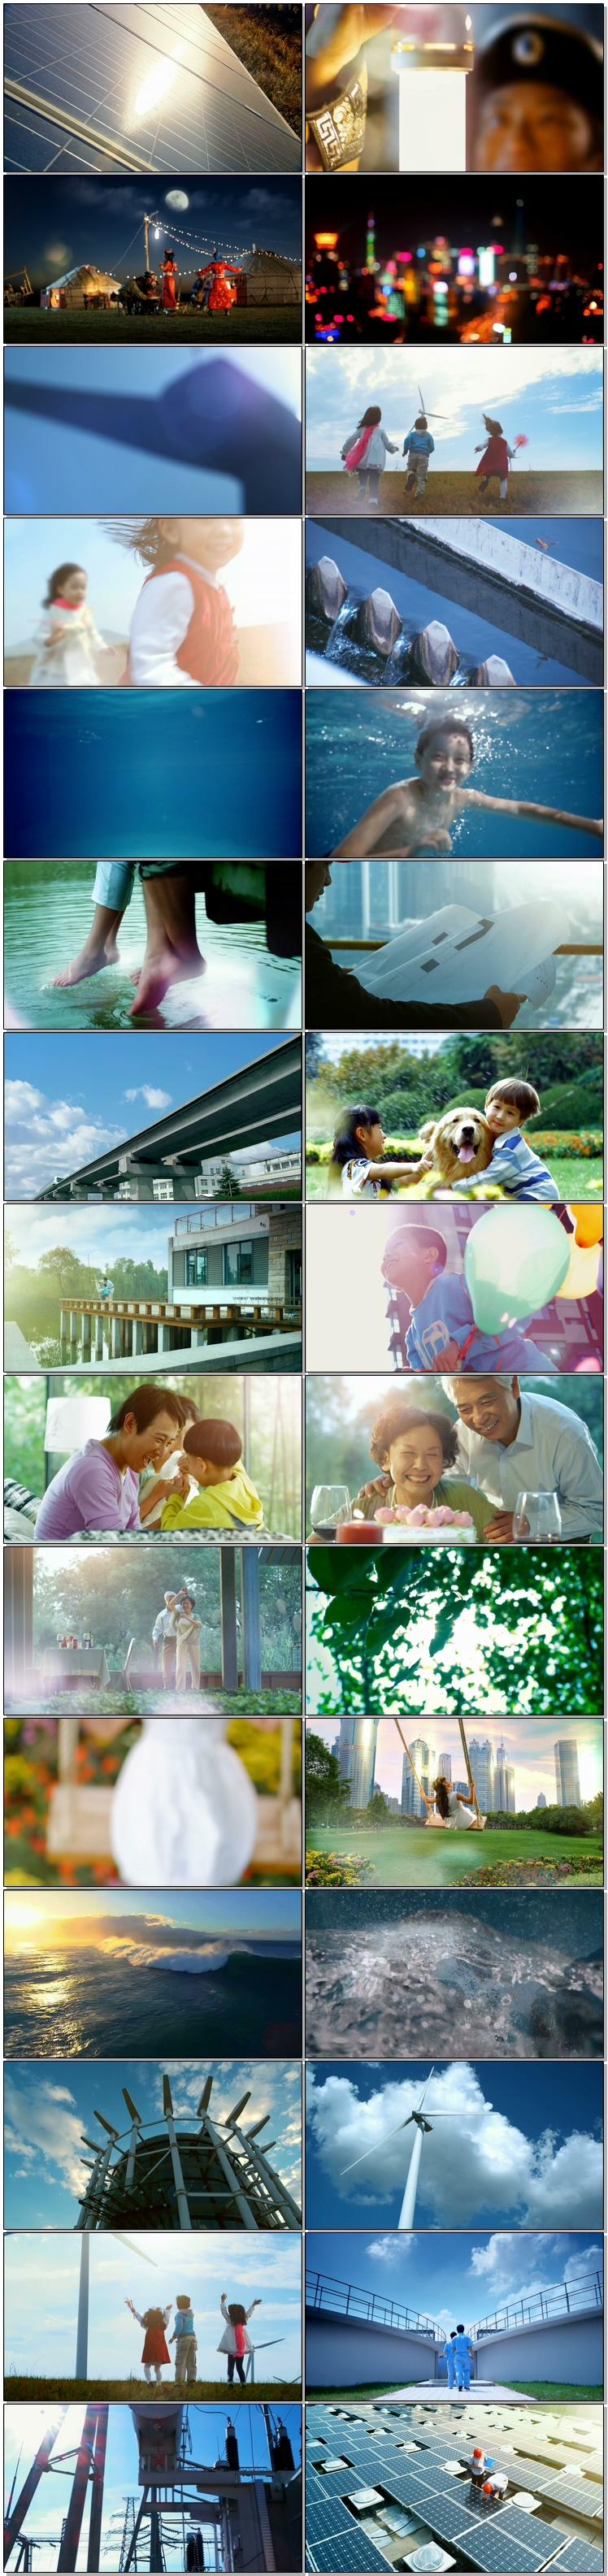 绿色节能环保 儿童老人新能源 高清视频素材城市房地产企业宣传片